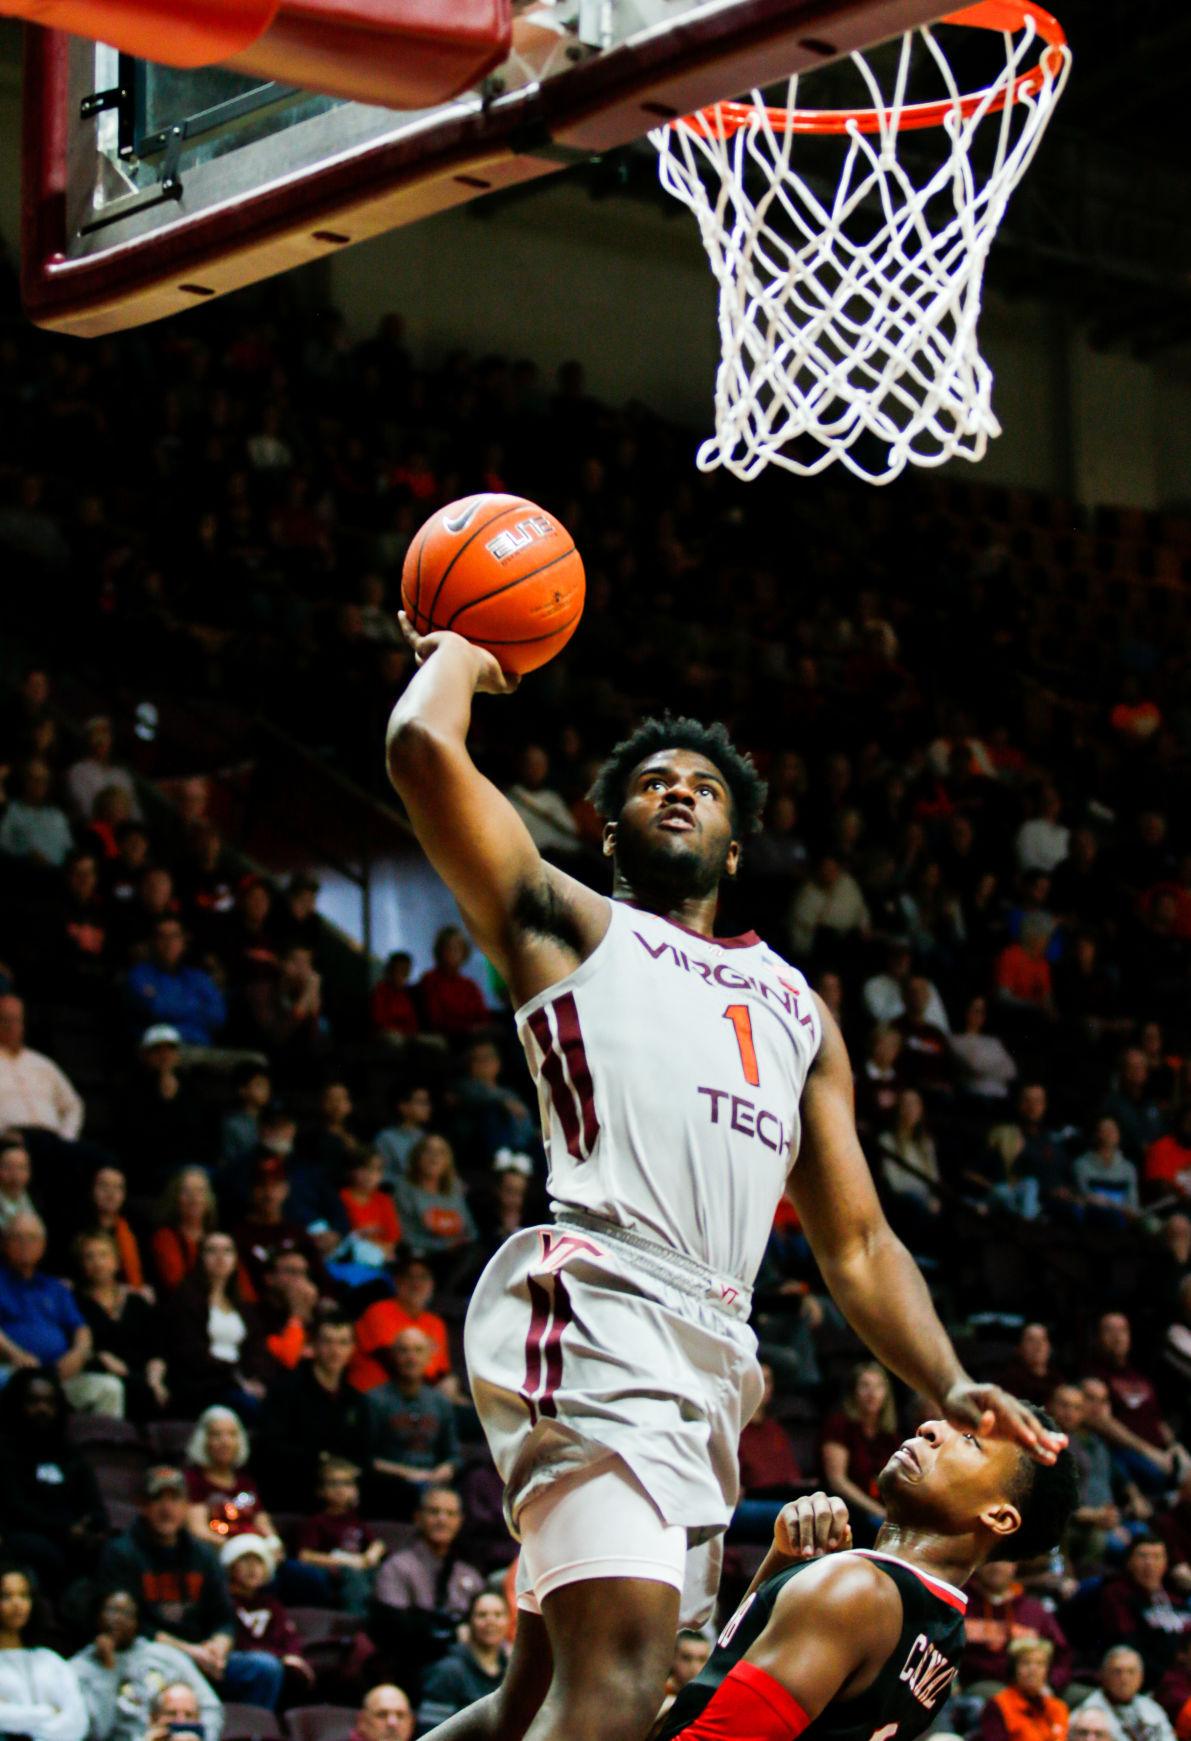 Virginia Tech Men's Basketball vs Gardner-Webb